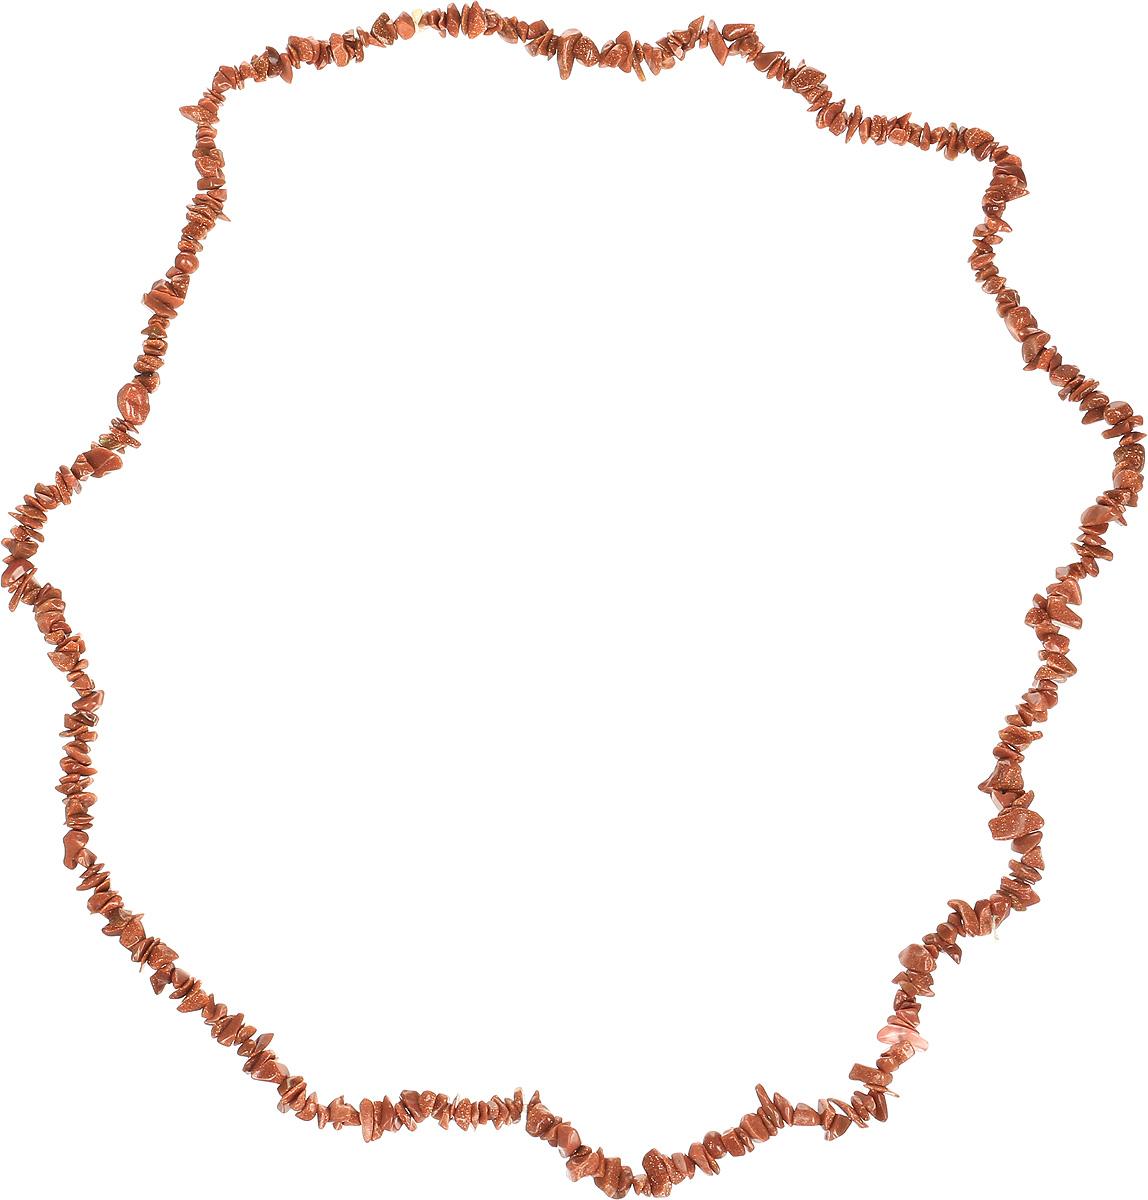 Бусы Револю Забава 2, цвет: коричневый. НАВ-75-90-1Колье (короткие одноярусные бусы)Авантюрин - камень, привлекающий деньги, достаток. Талисман для сохранения радостного настроения. Он дает владельцу глубину и эмоциональную чистоту. Предполагается, что в Европу натуральный авантюрин завезли торговцы индийскими драгоценными камнями, на собственном опыте убедившиеся в способности этого камня притягивать удачу. Обостряет все эмоции, делая их более тонкими, повышает оптимизм и уверенность в себе, дарует бодрость духа, ясность ума.